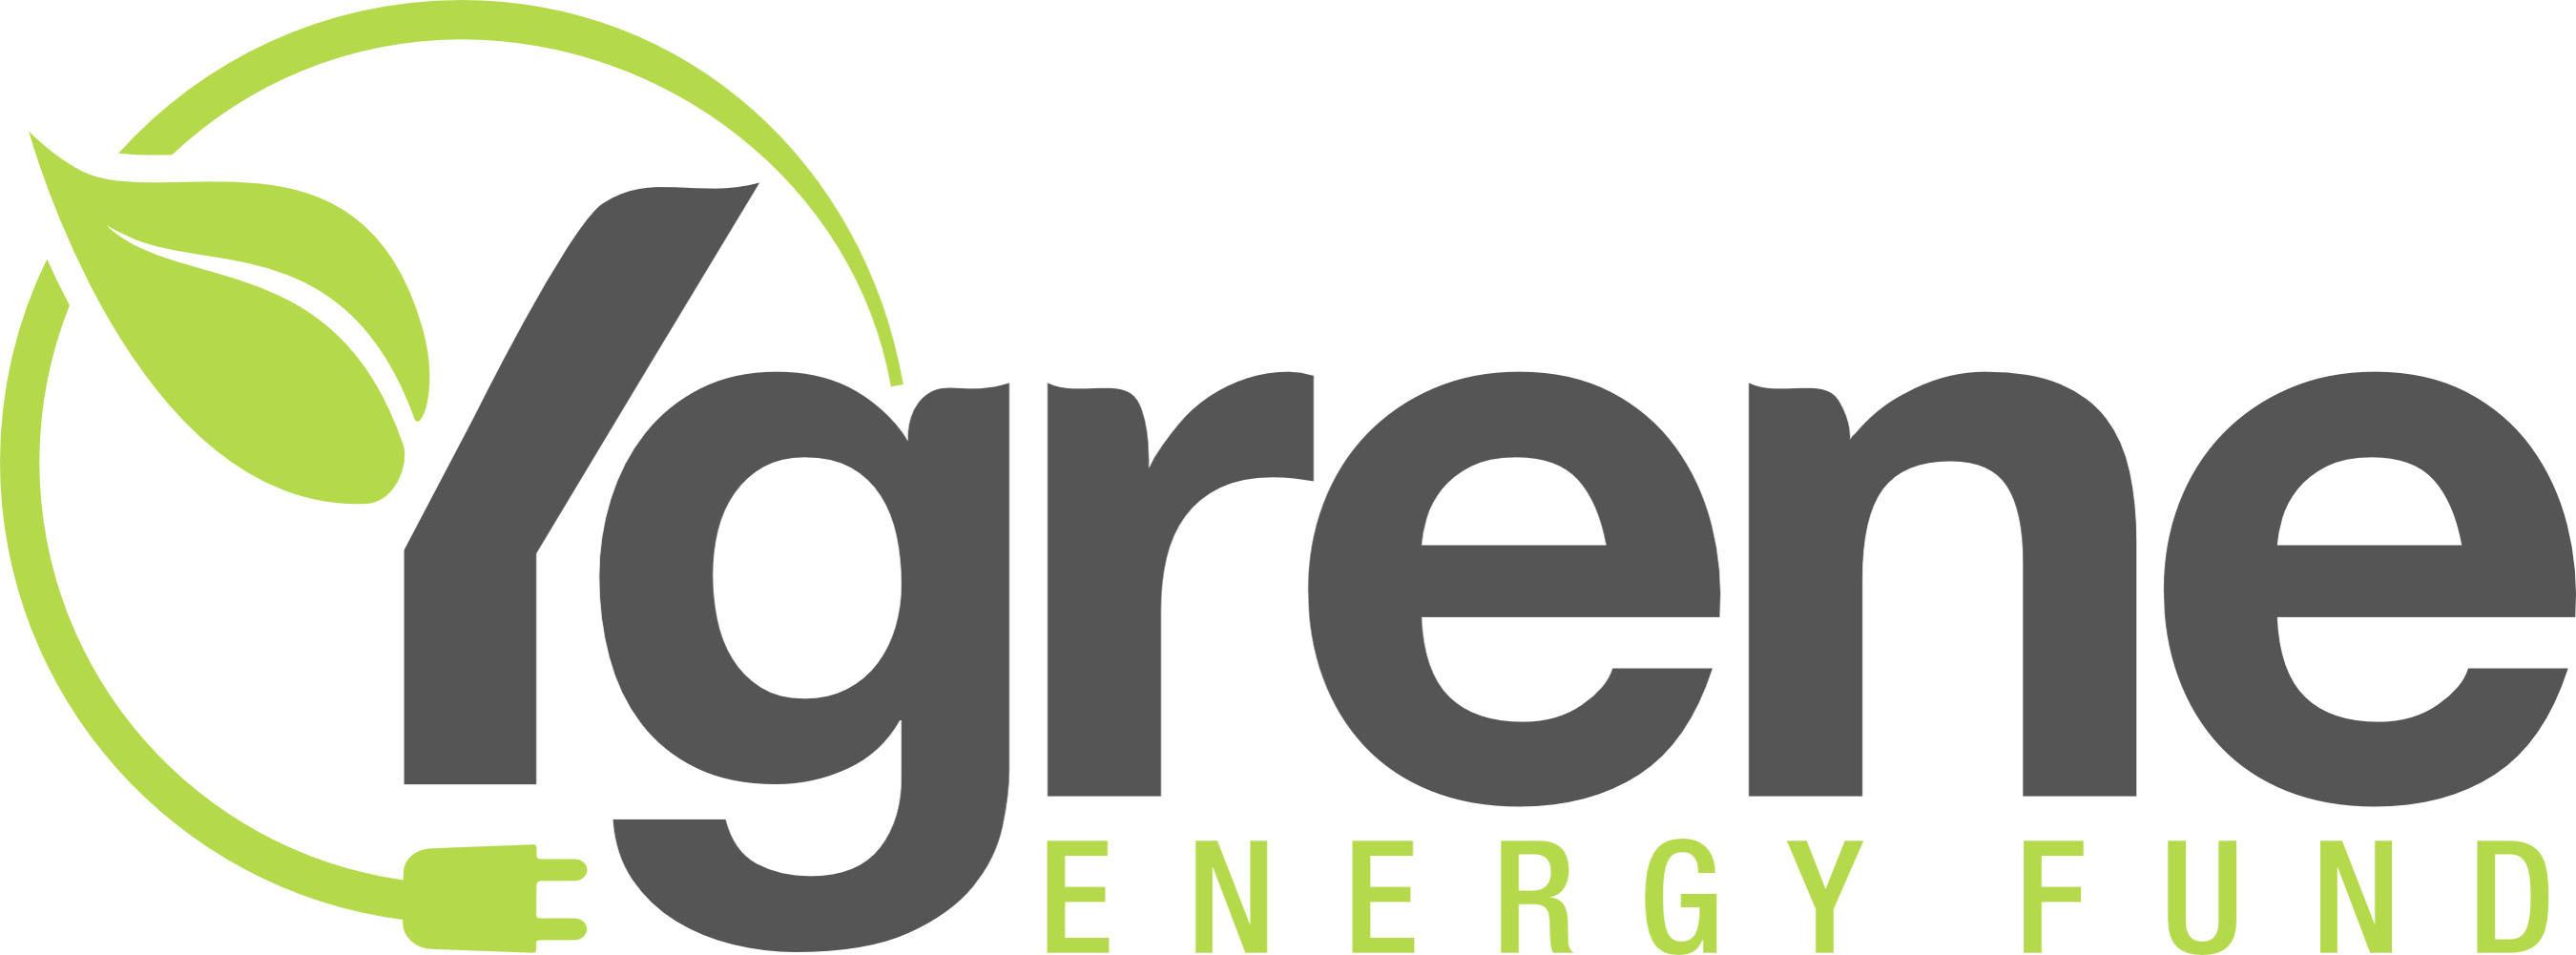 Ygrene Energy Fund Florida Logo The Hotspotorlando